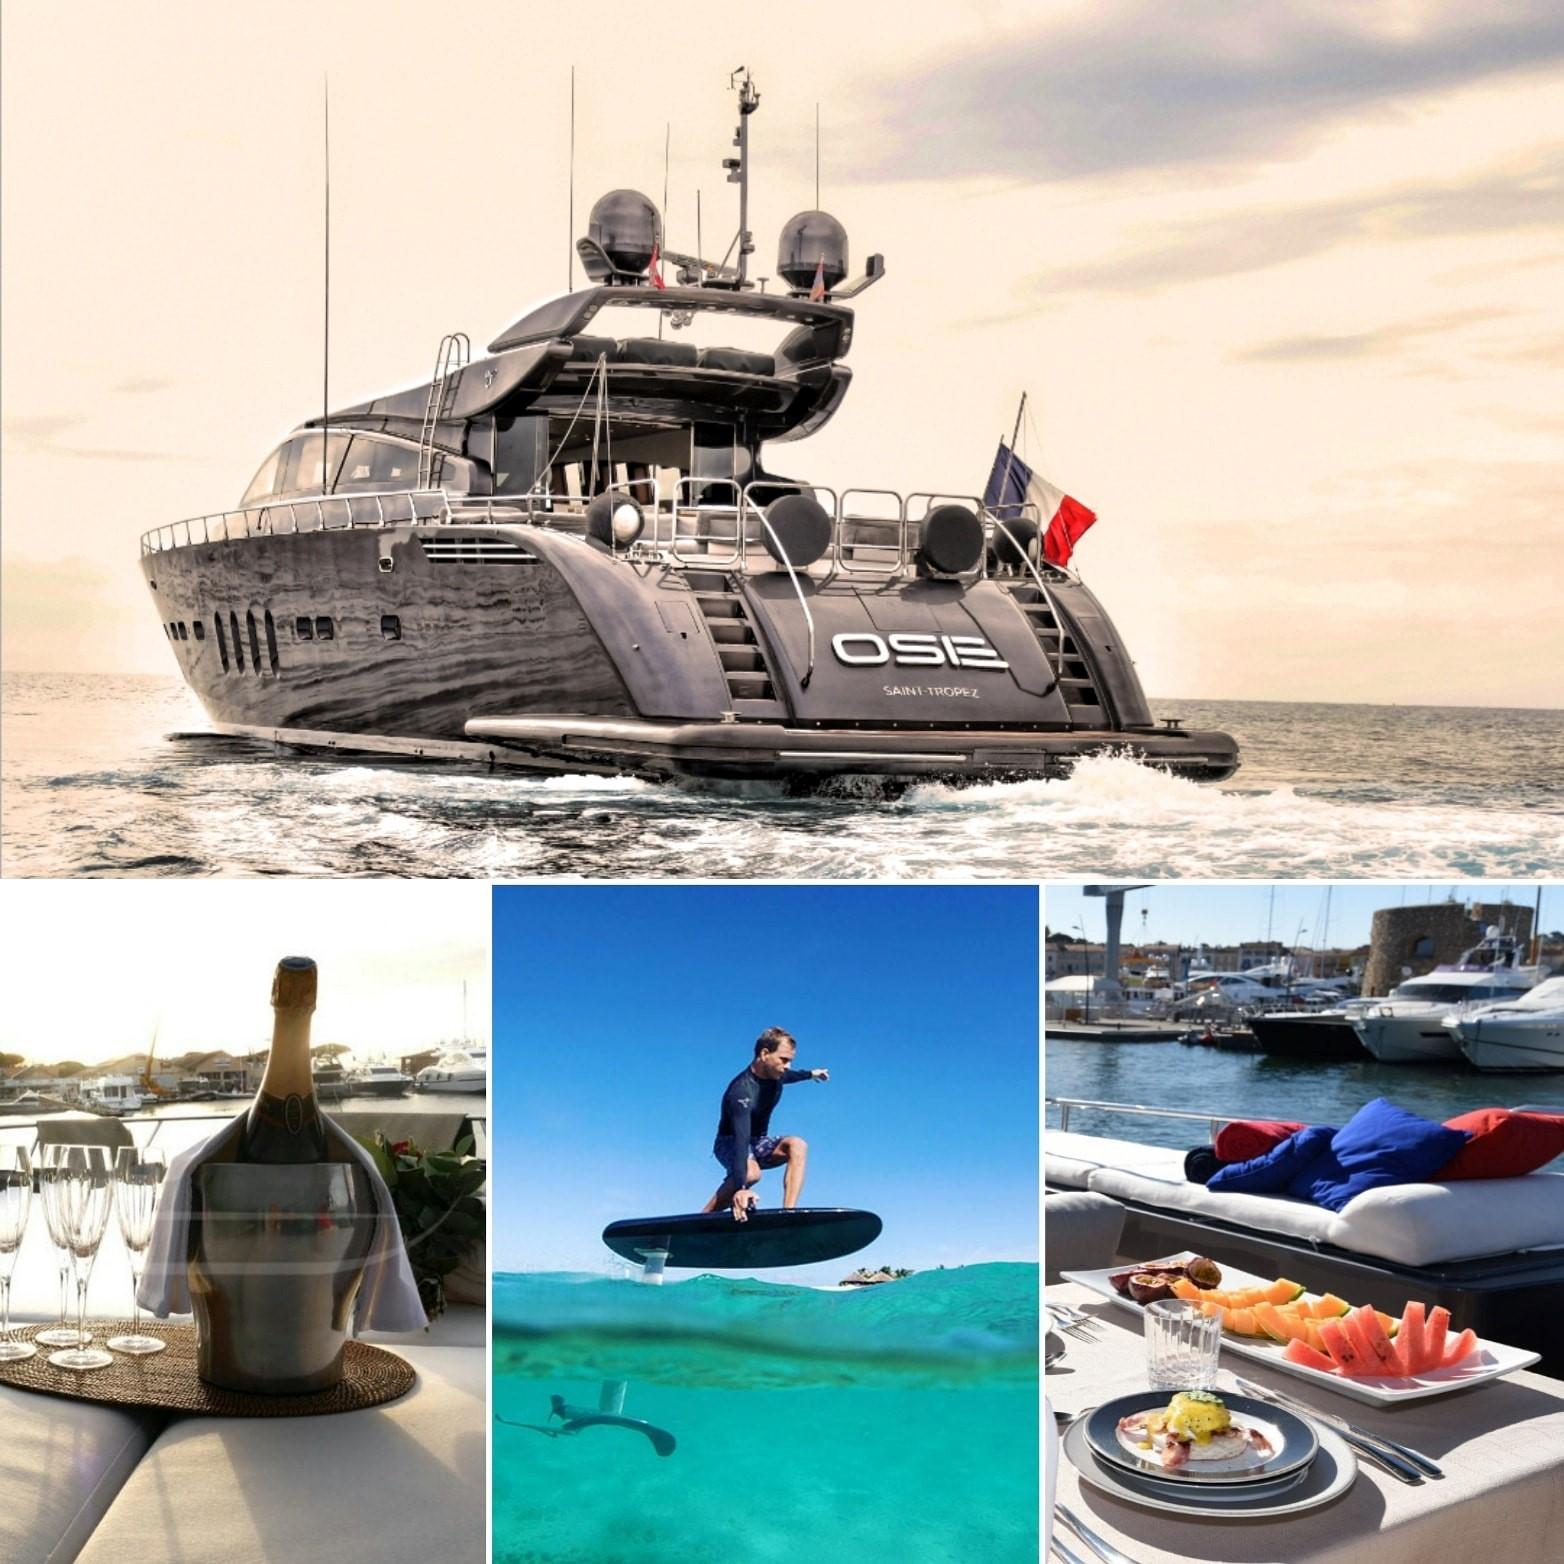 Montage Superyacht Ose service à bord et activités en mer